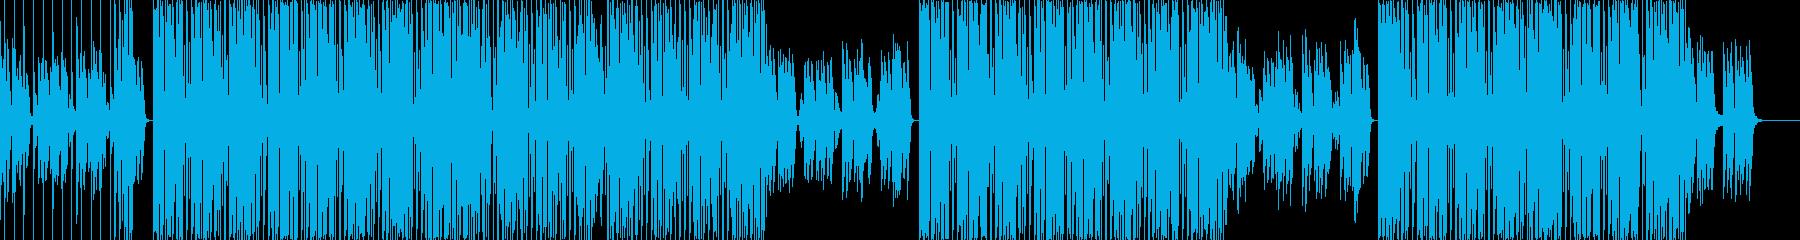 エレクトロディスコ調のクラブ系ダンス楽曲の再生済みの波形